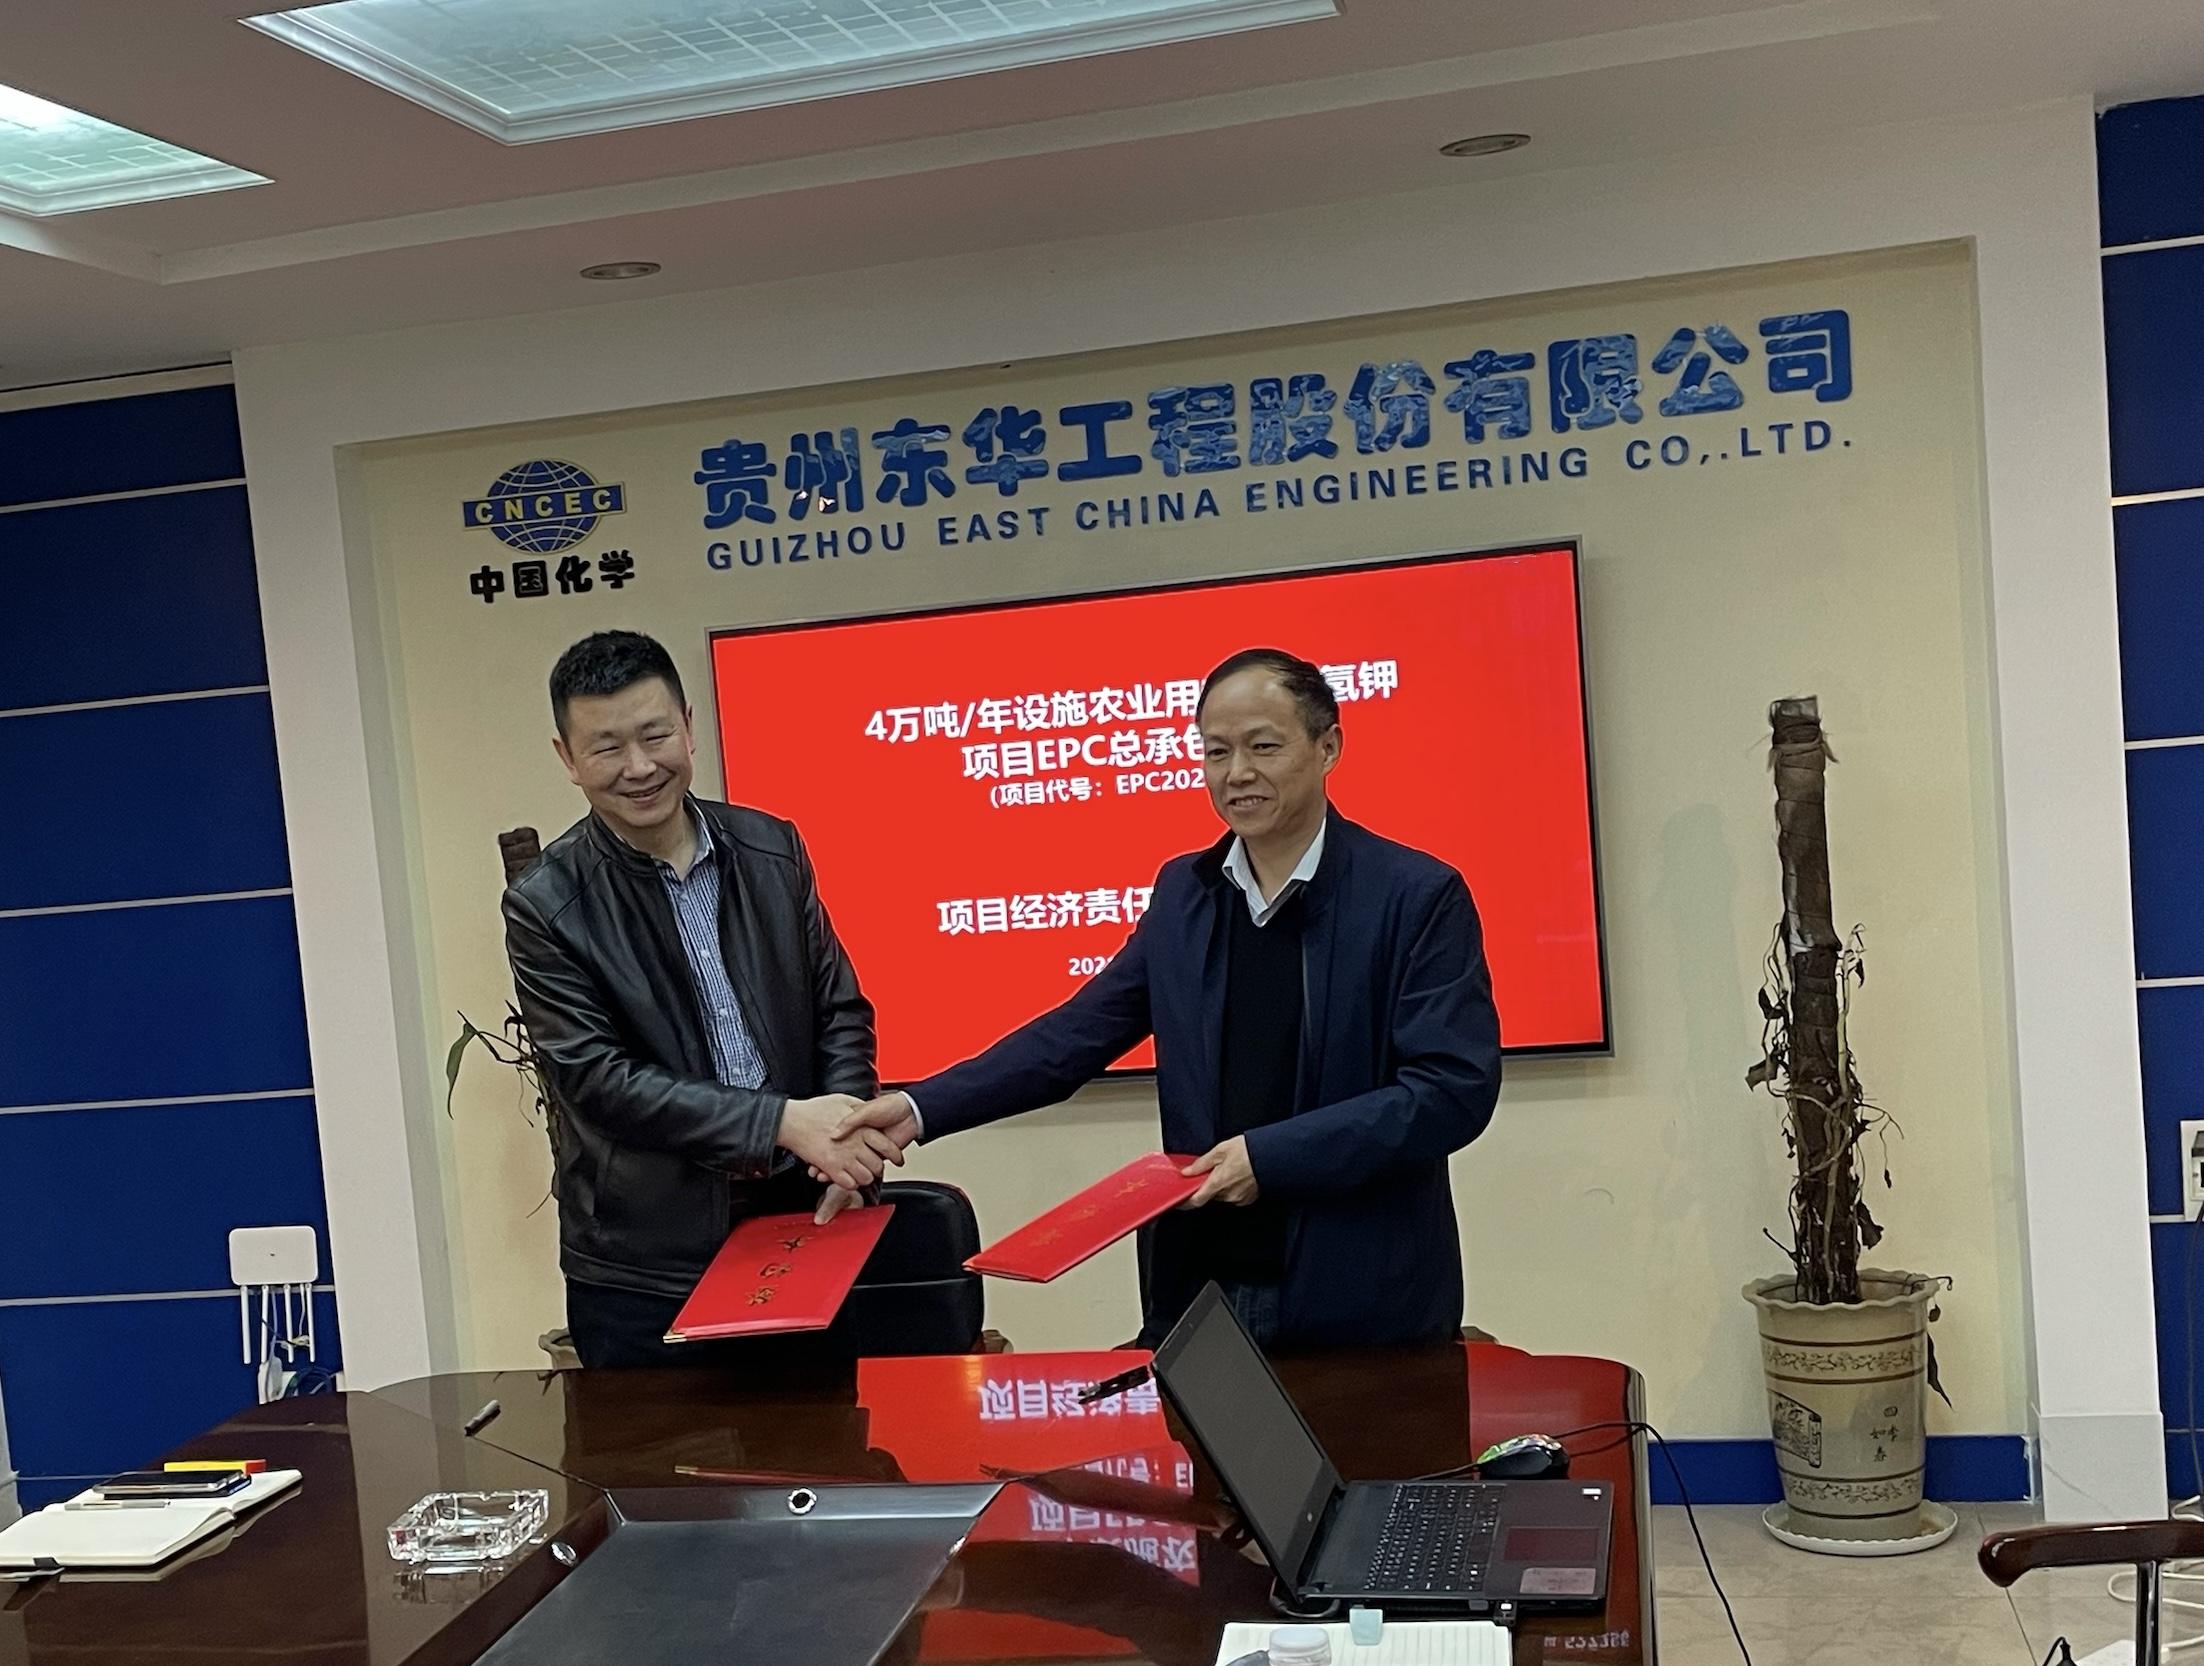 貴州東華首個實行風險抵押總承包項目成功簽約